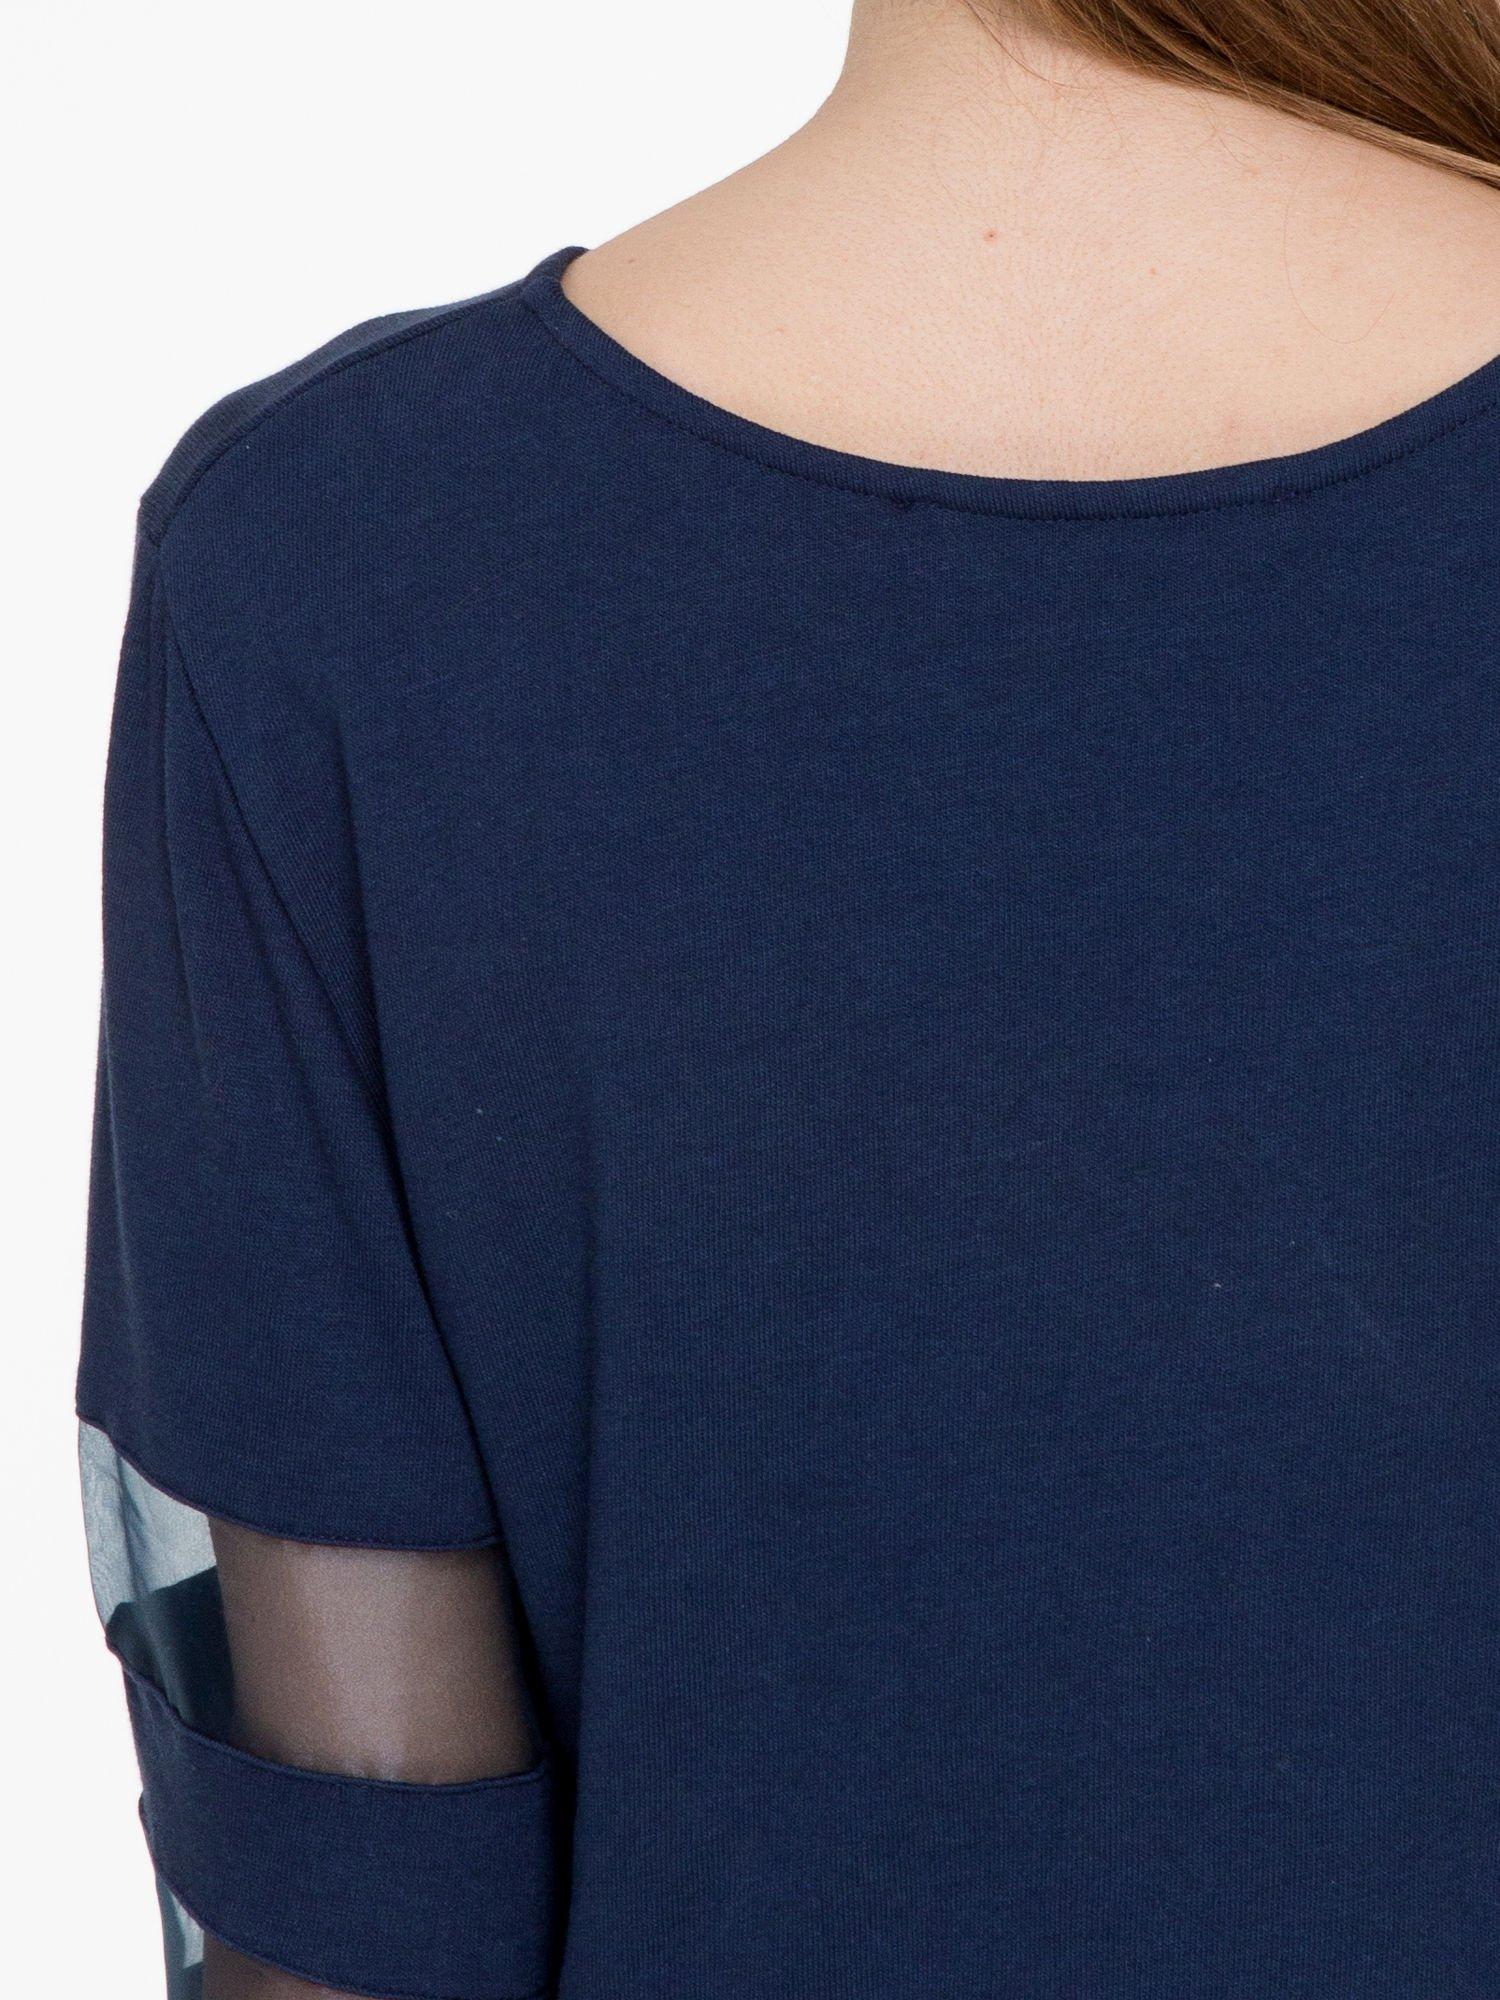 Granatowy cropped t-shirt z transparentnymi rękawami                                  zdj.                                  8